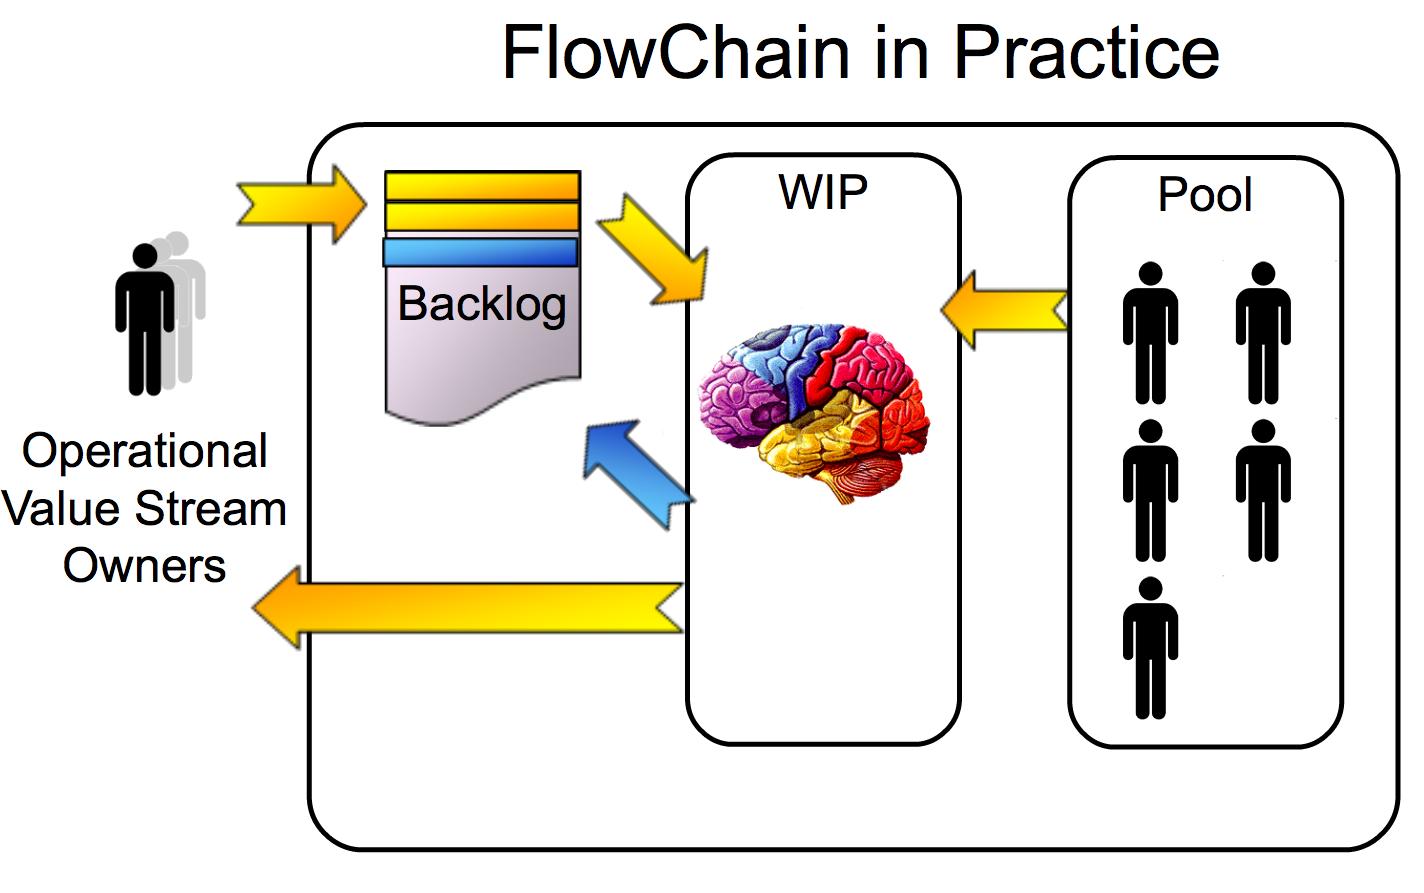 FlowChainInPractice